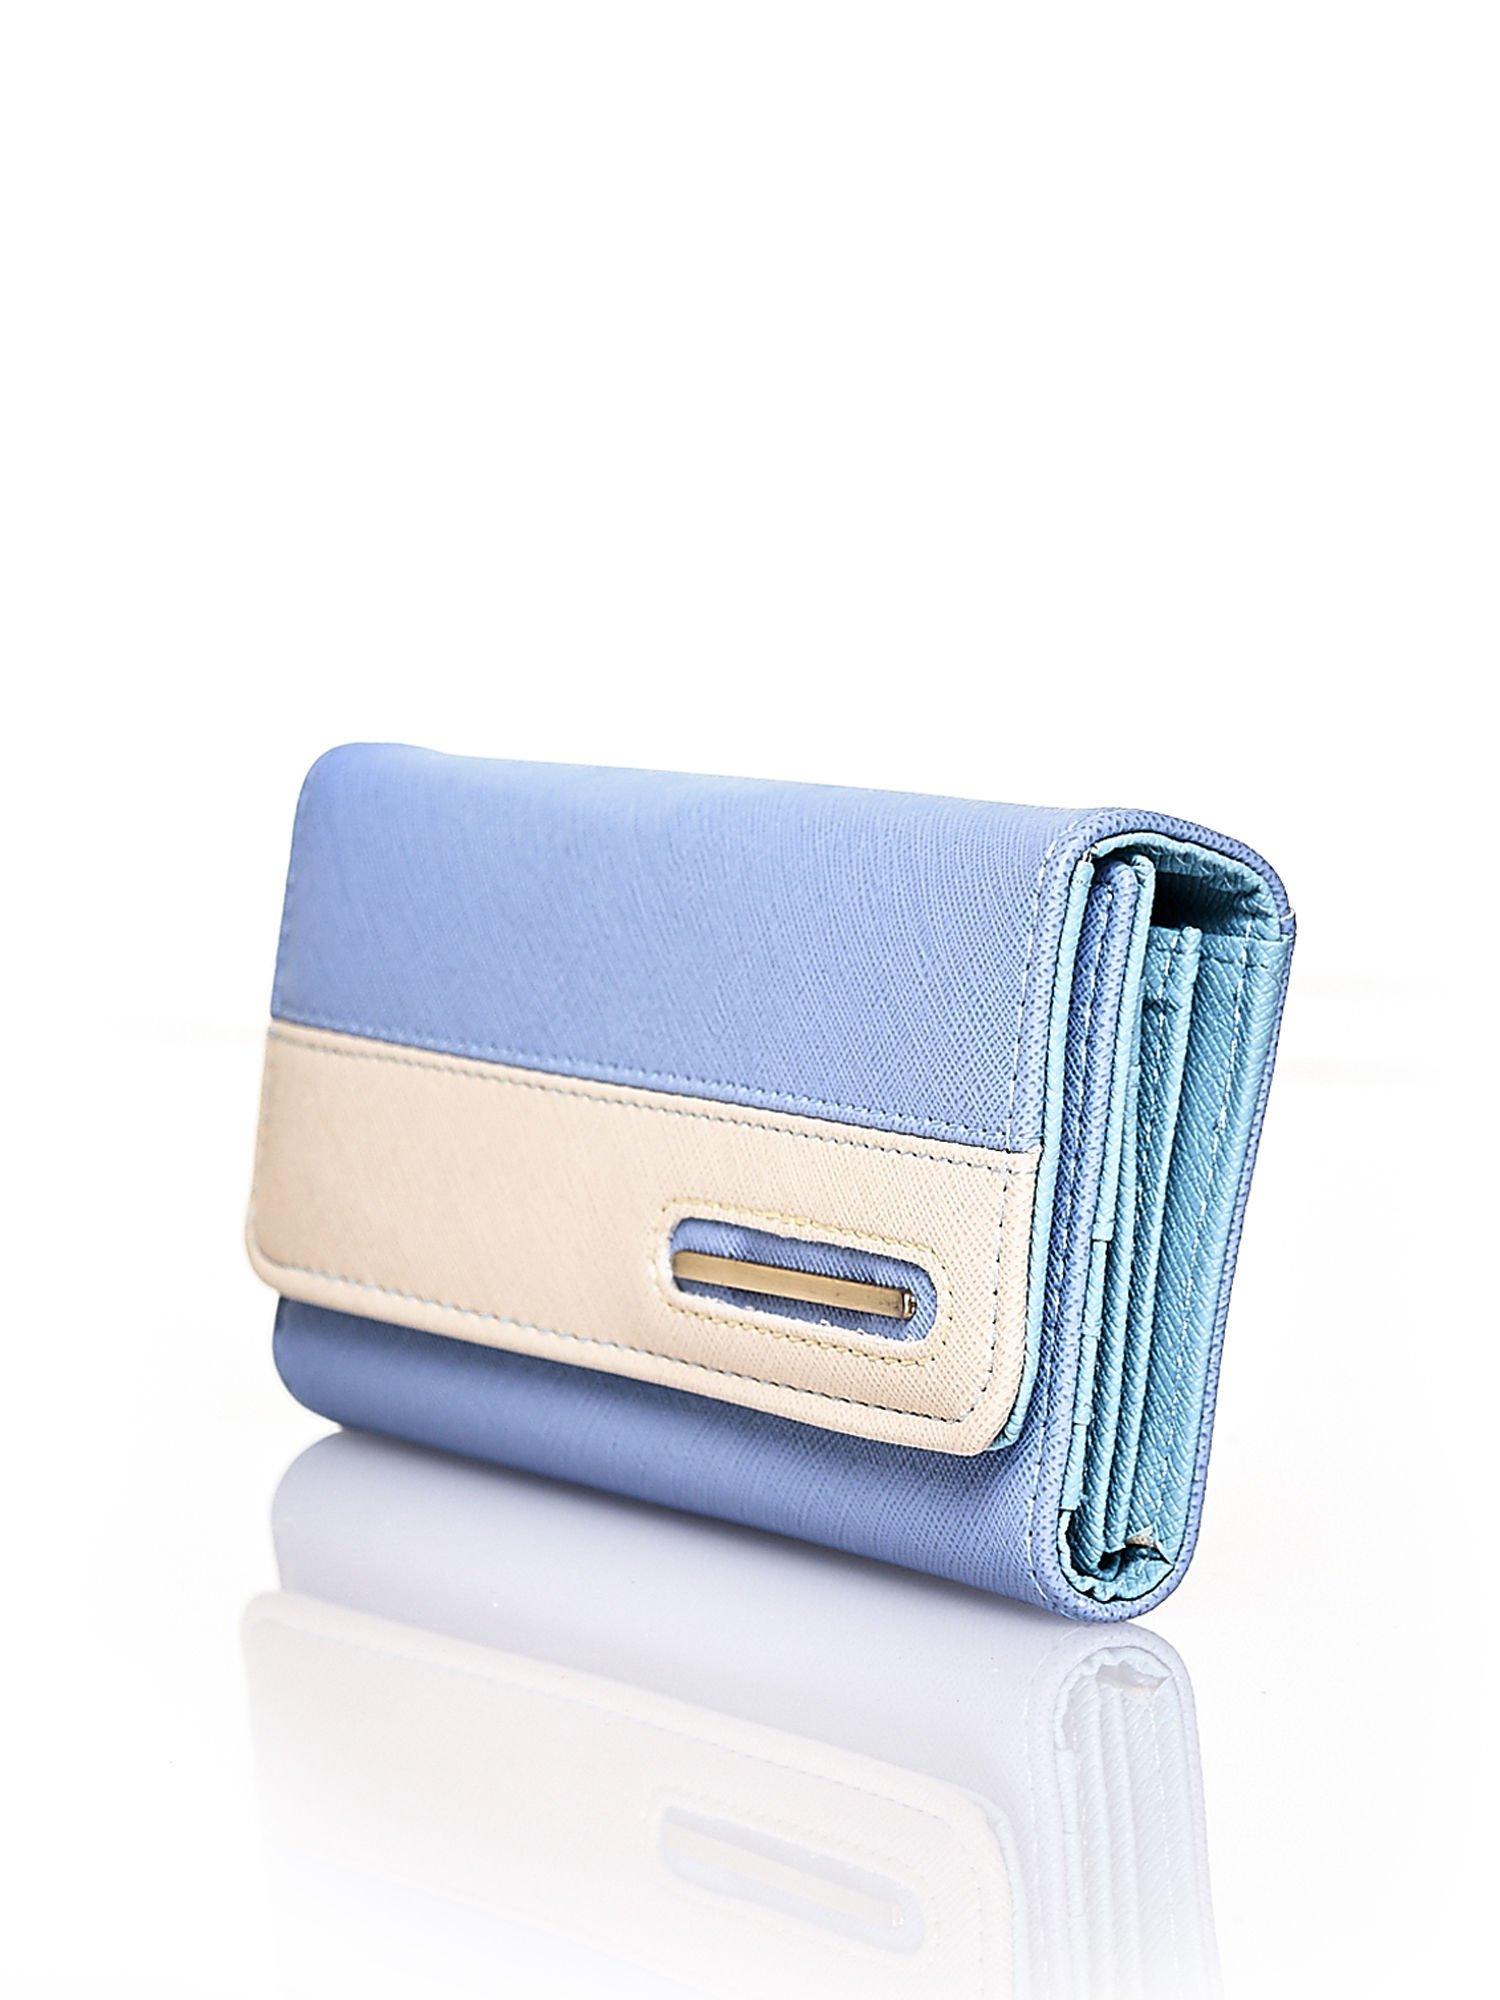 Niebieski portfel z beżowym wykończeniem                                  zdj.                                  3